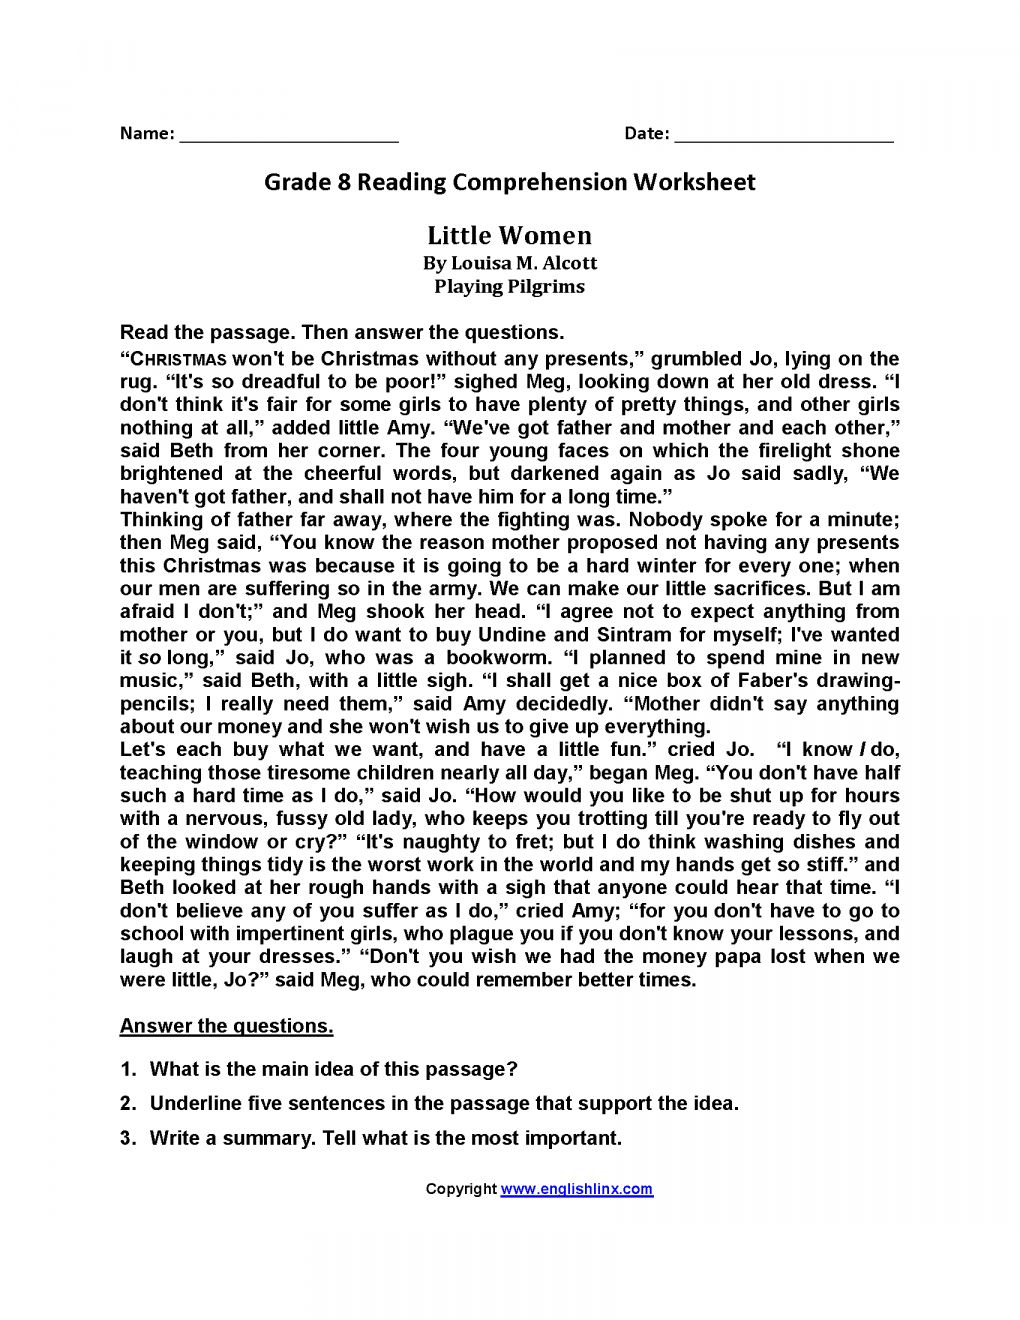 7 Reading Comprehension Grade 8 Worksheet Reading Chartsheet Net In 2020 Reading Comprehension Worksheets Reading Comprehension Reading Worksheets